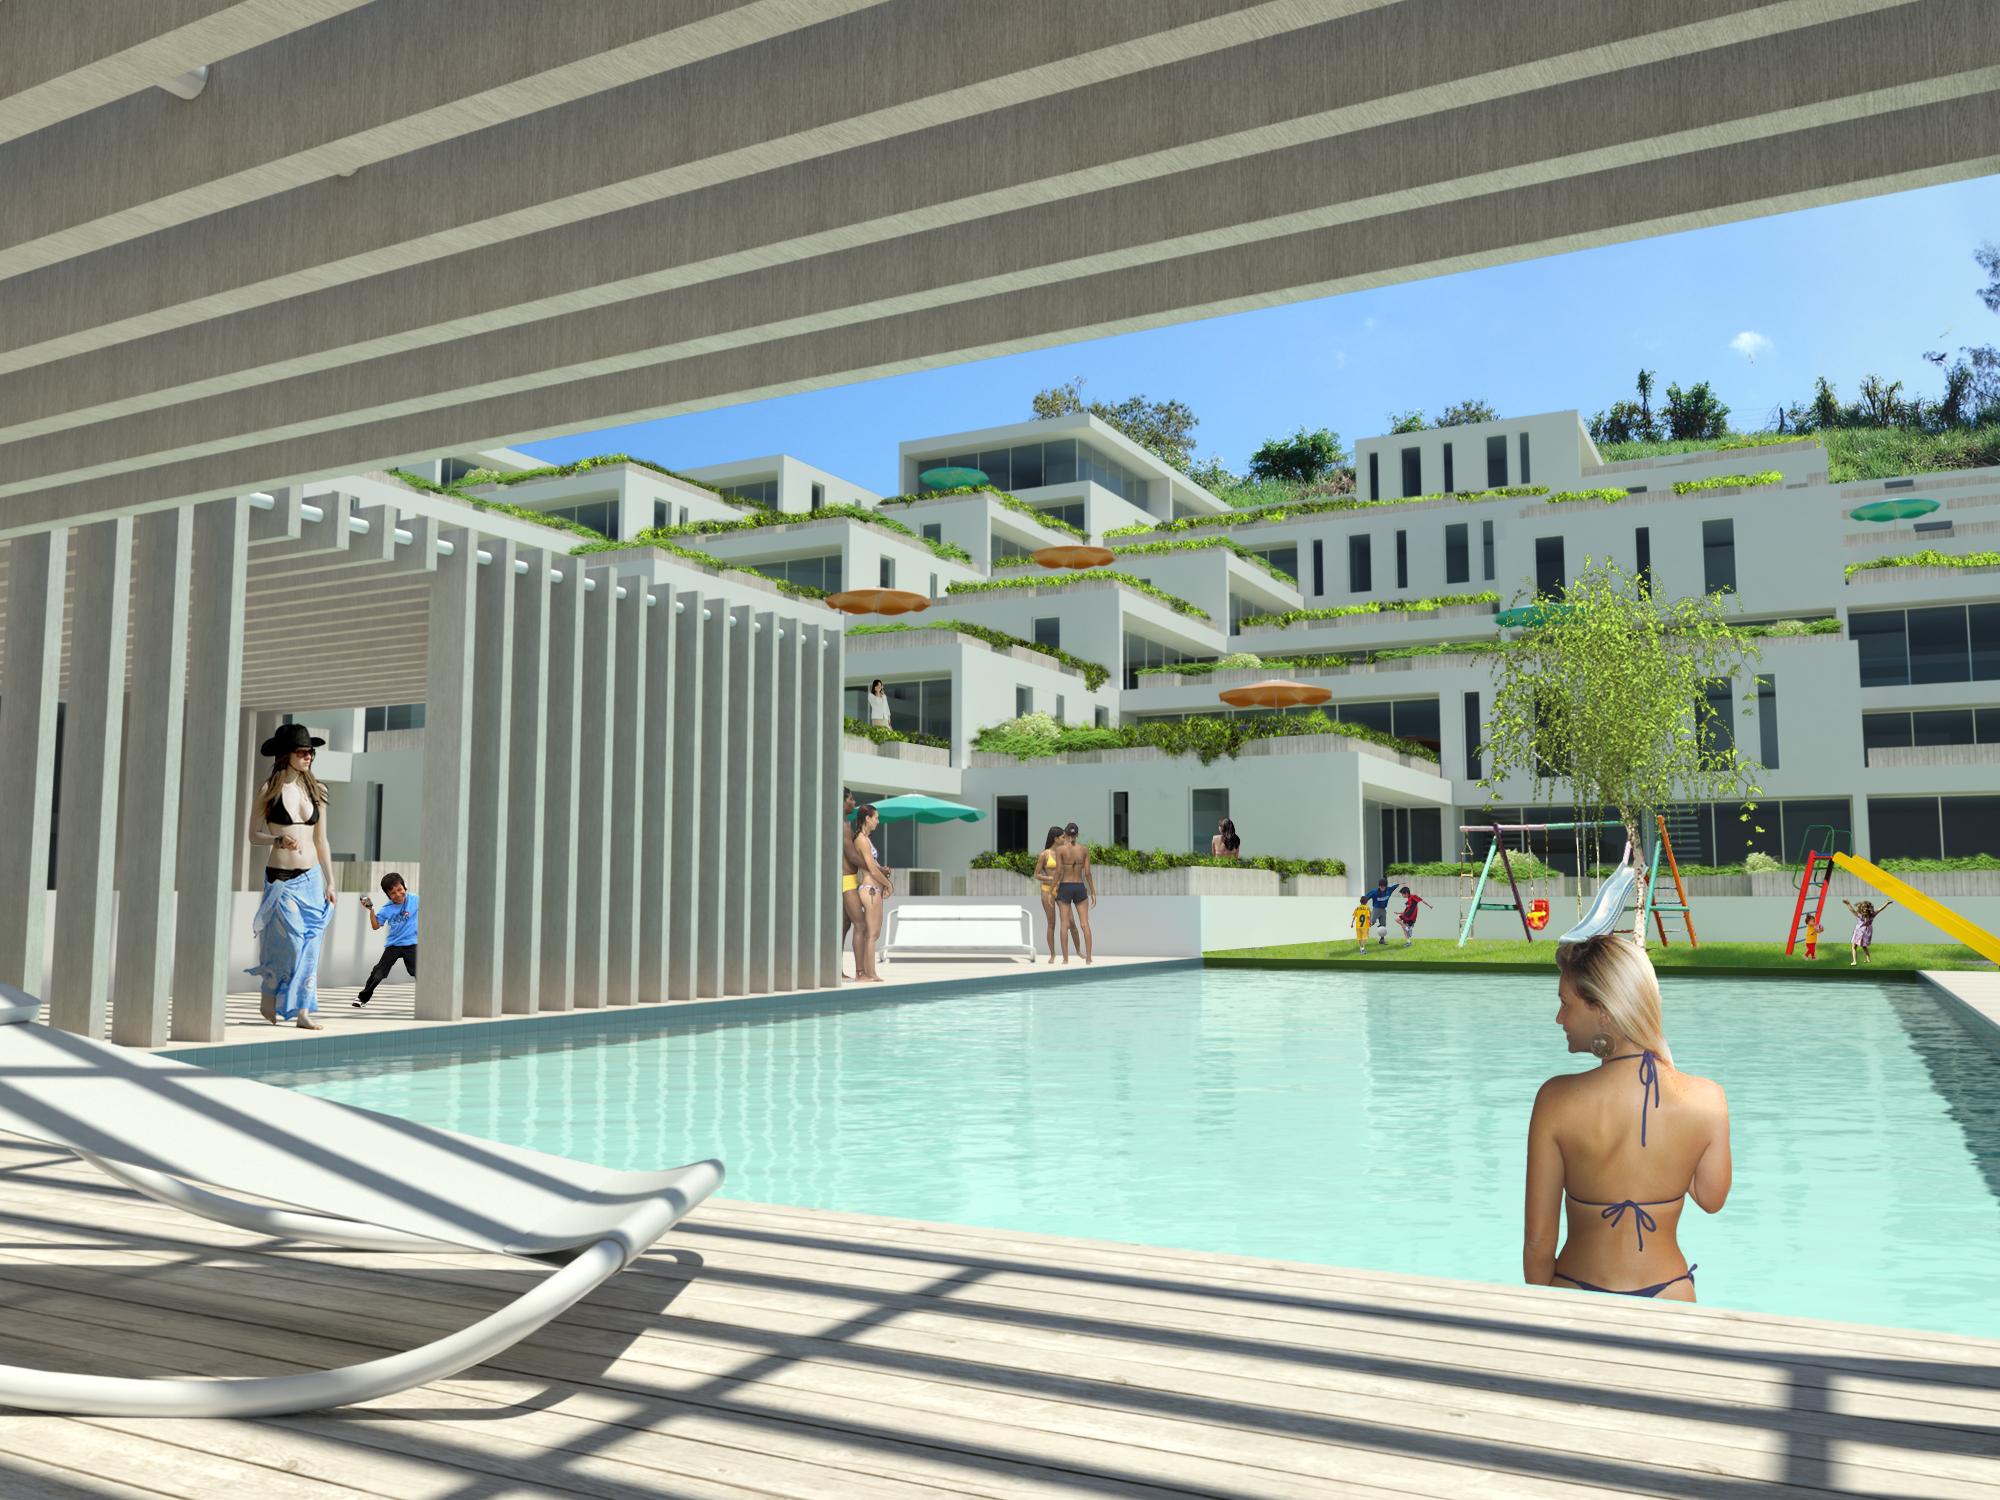 Vente terrain constructible anchieta esp rito santo for Construction piscine zone non constructible